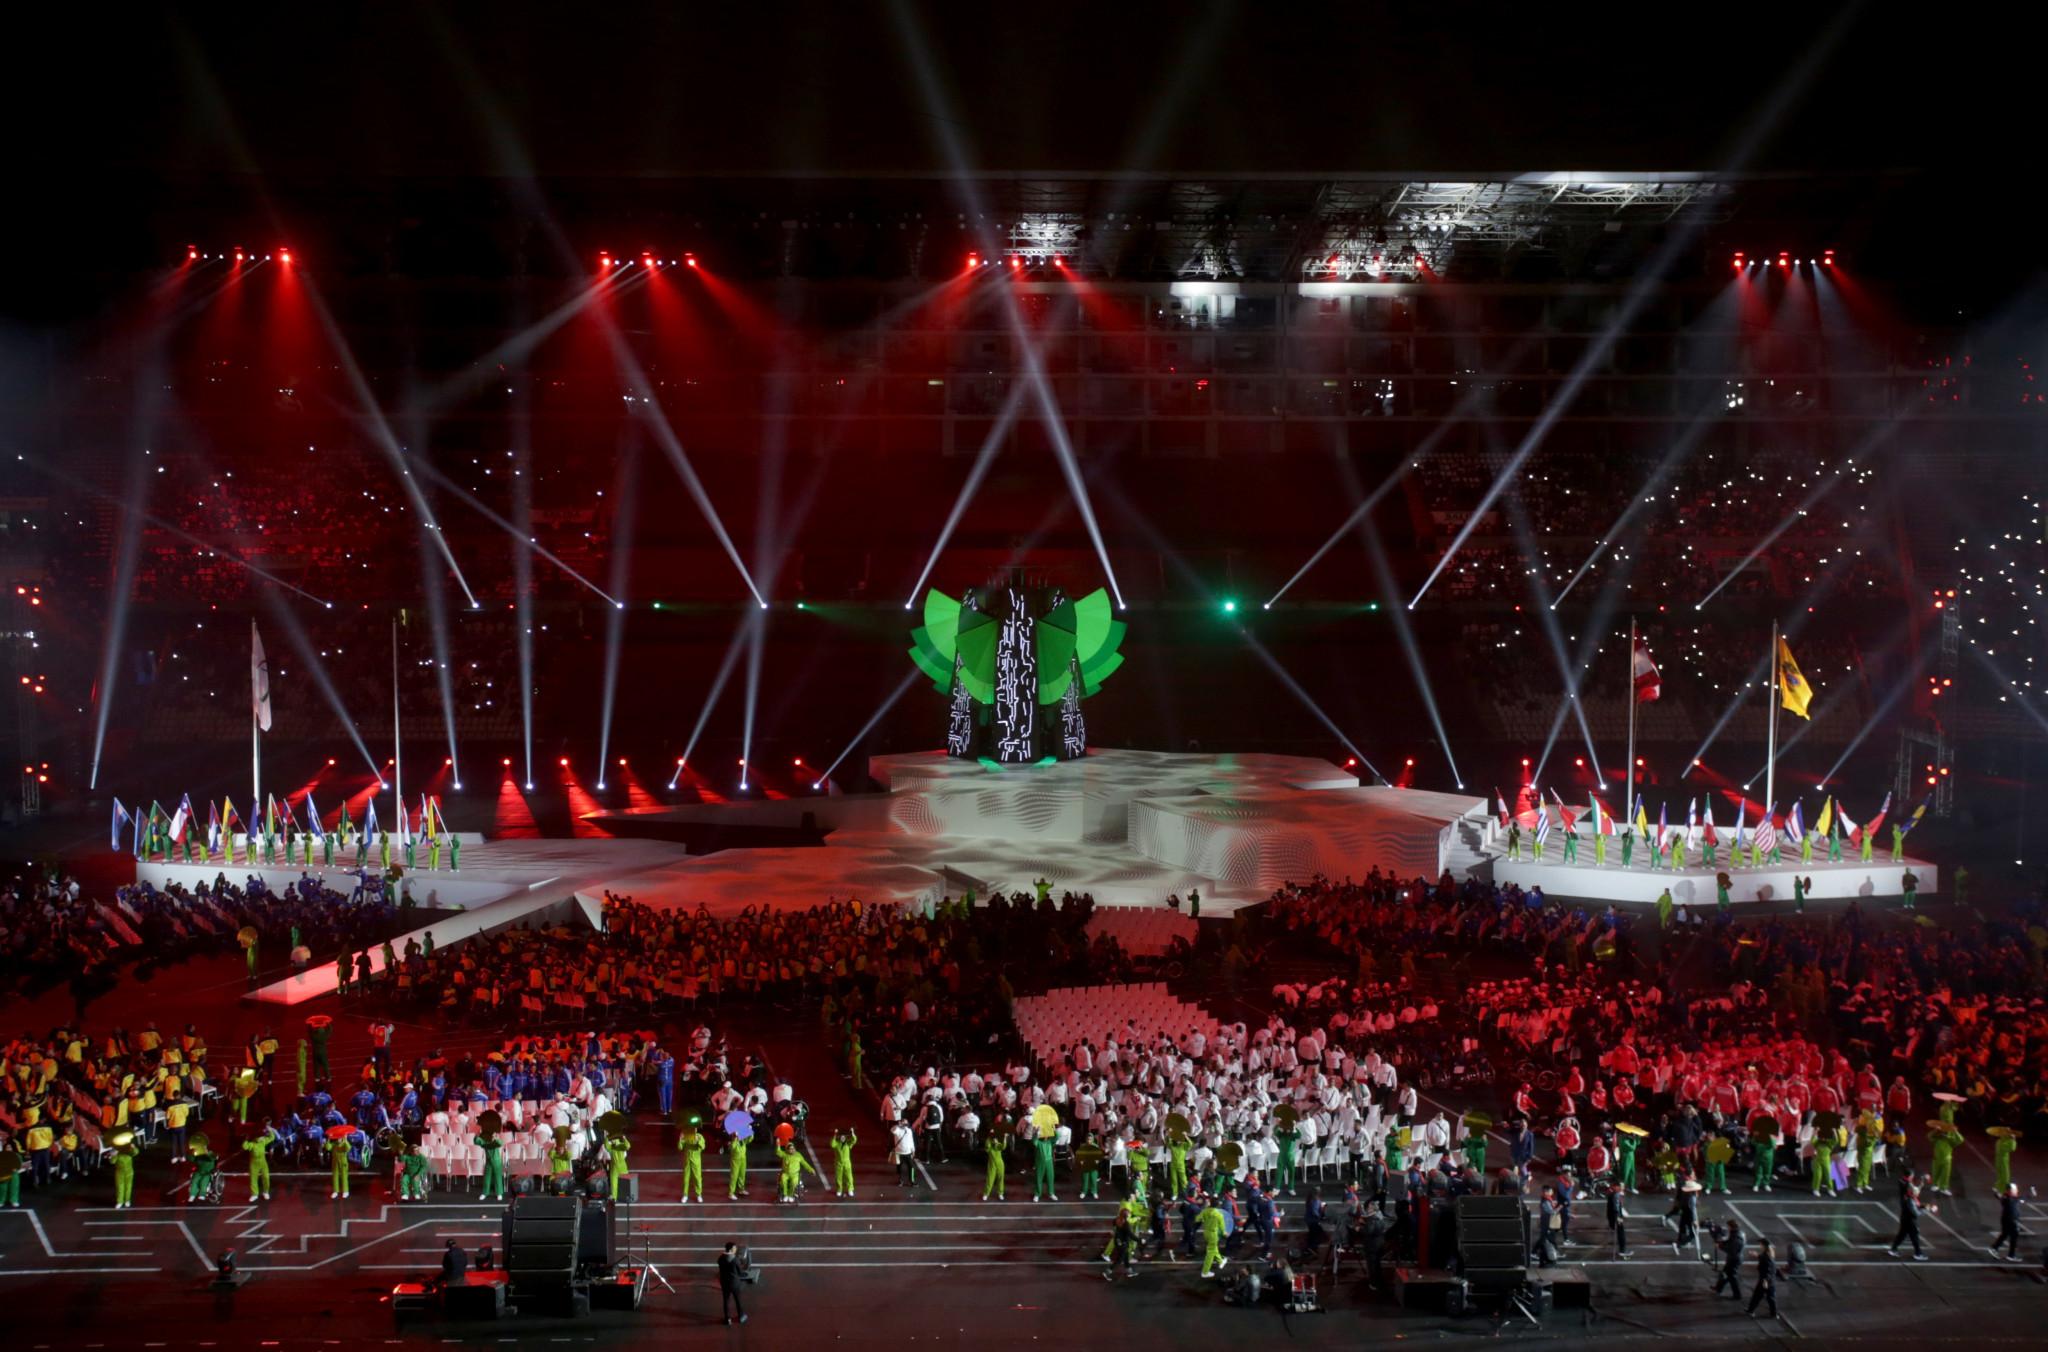 Se entregará un informe final sobre los Juegos Panamericanos del año pasado en Lima © Getty Images